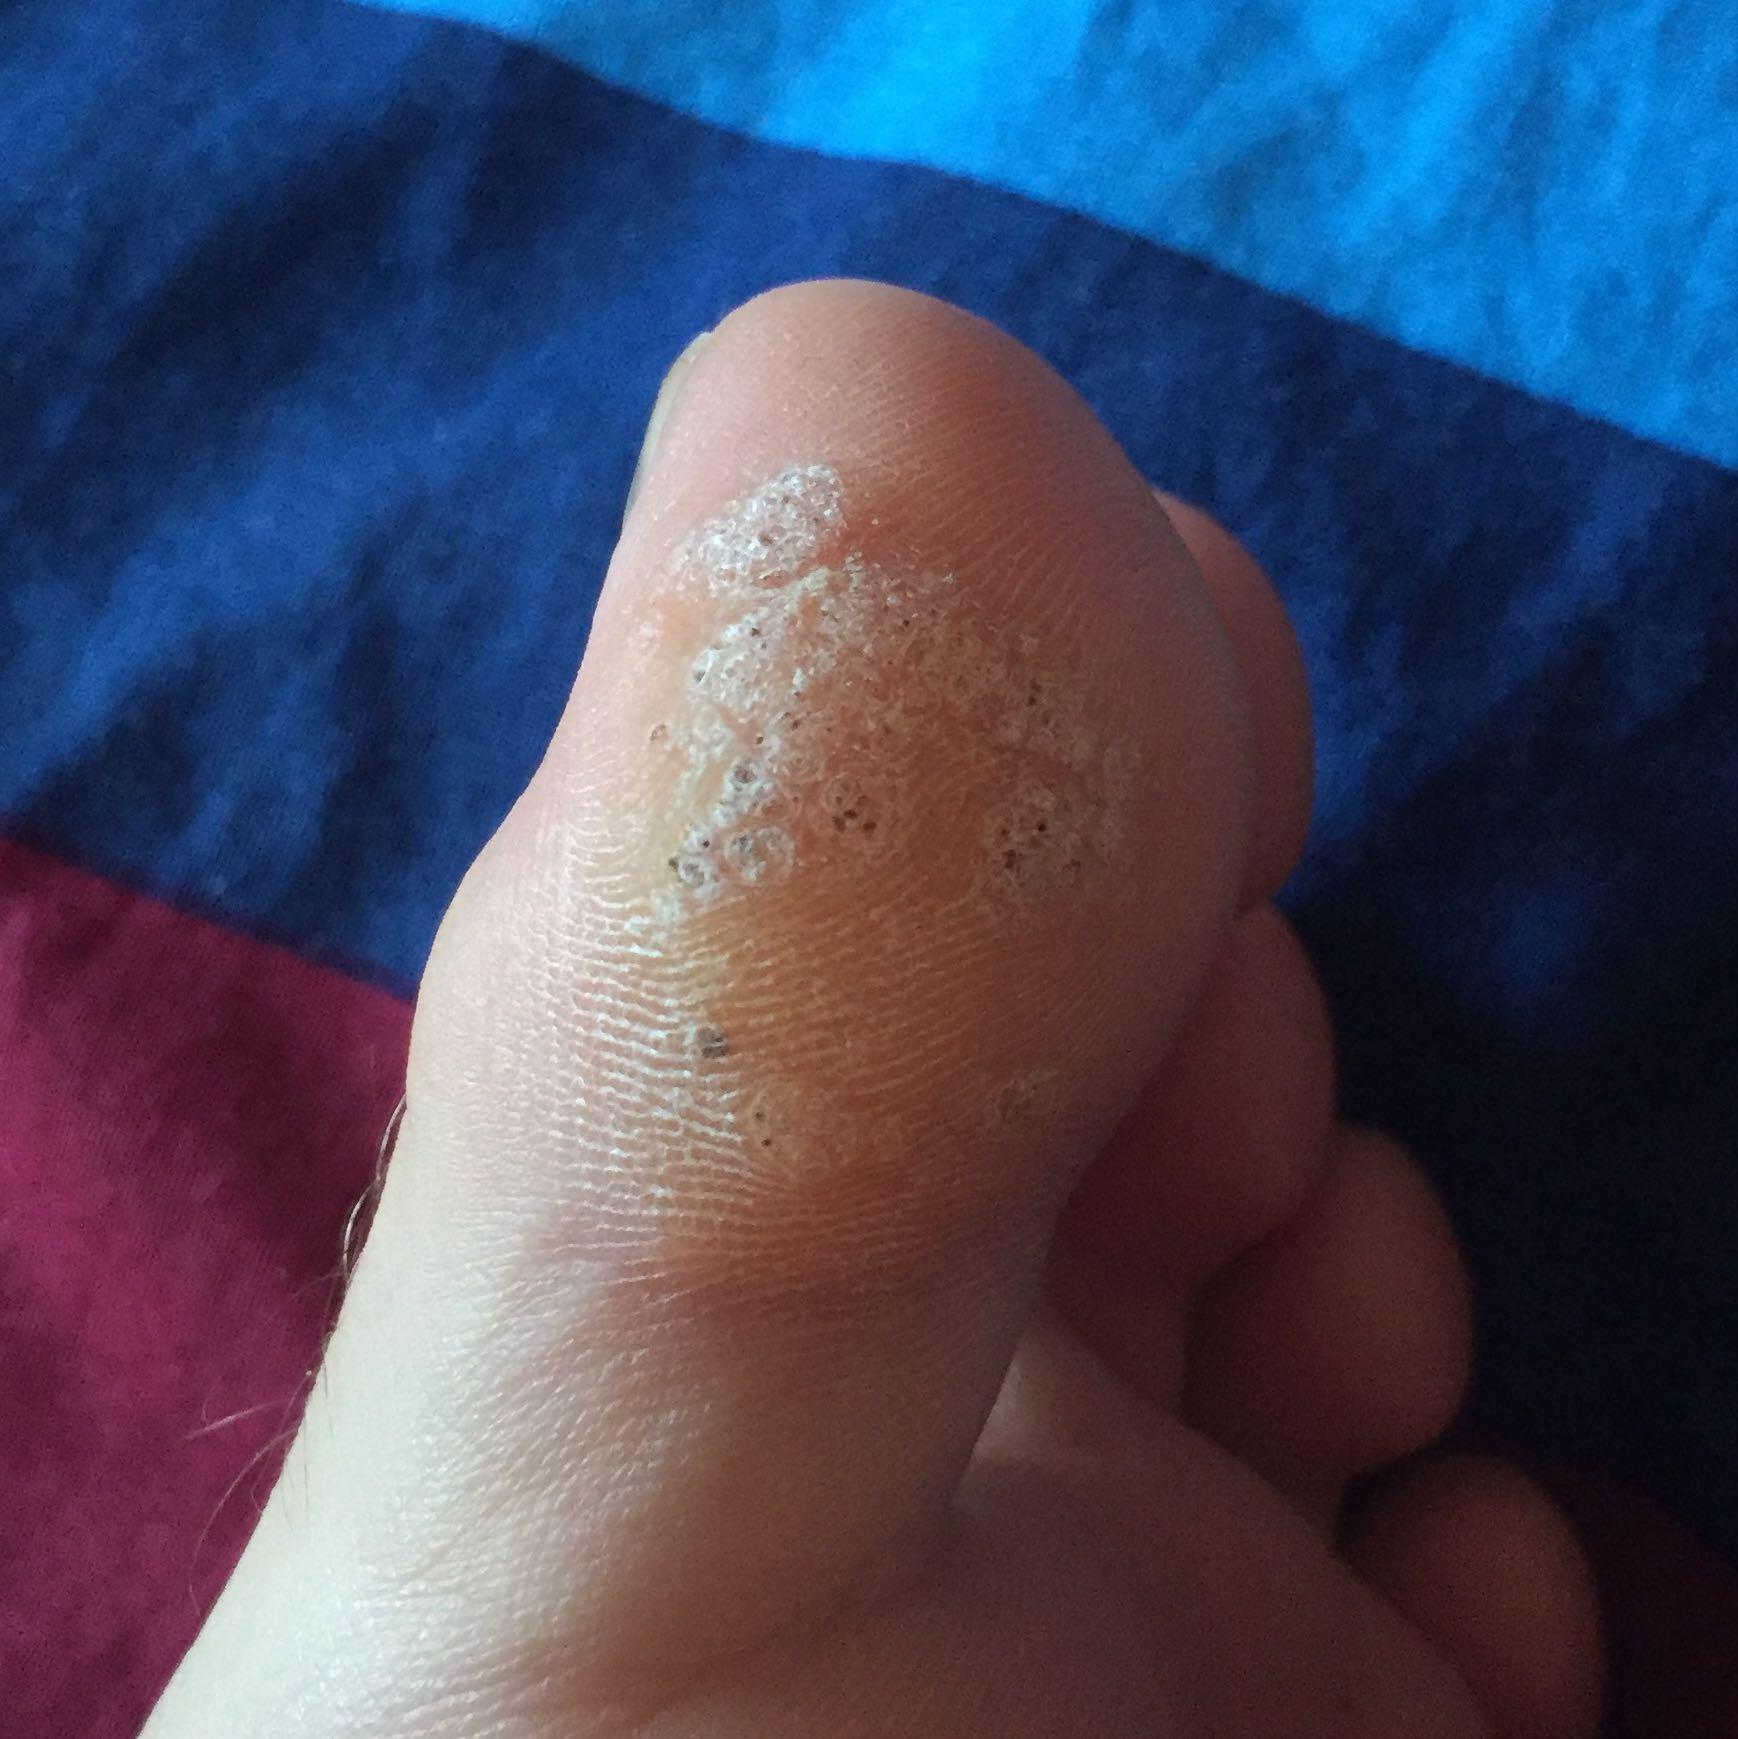 Ich glaube ich habe Fußpilz bekommen, was kann ich tun? (Fußball ...